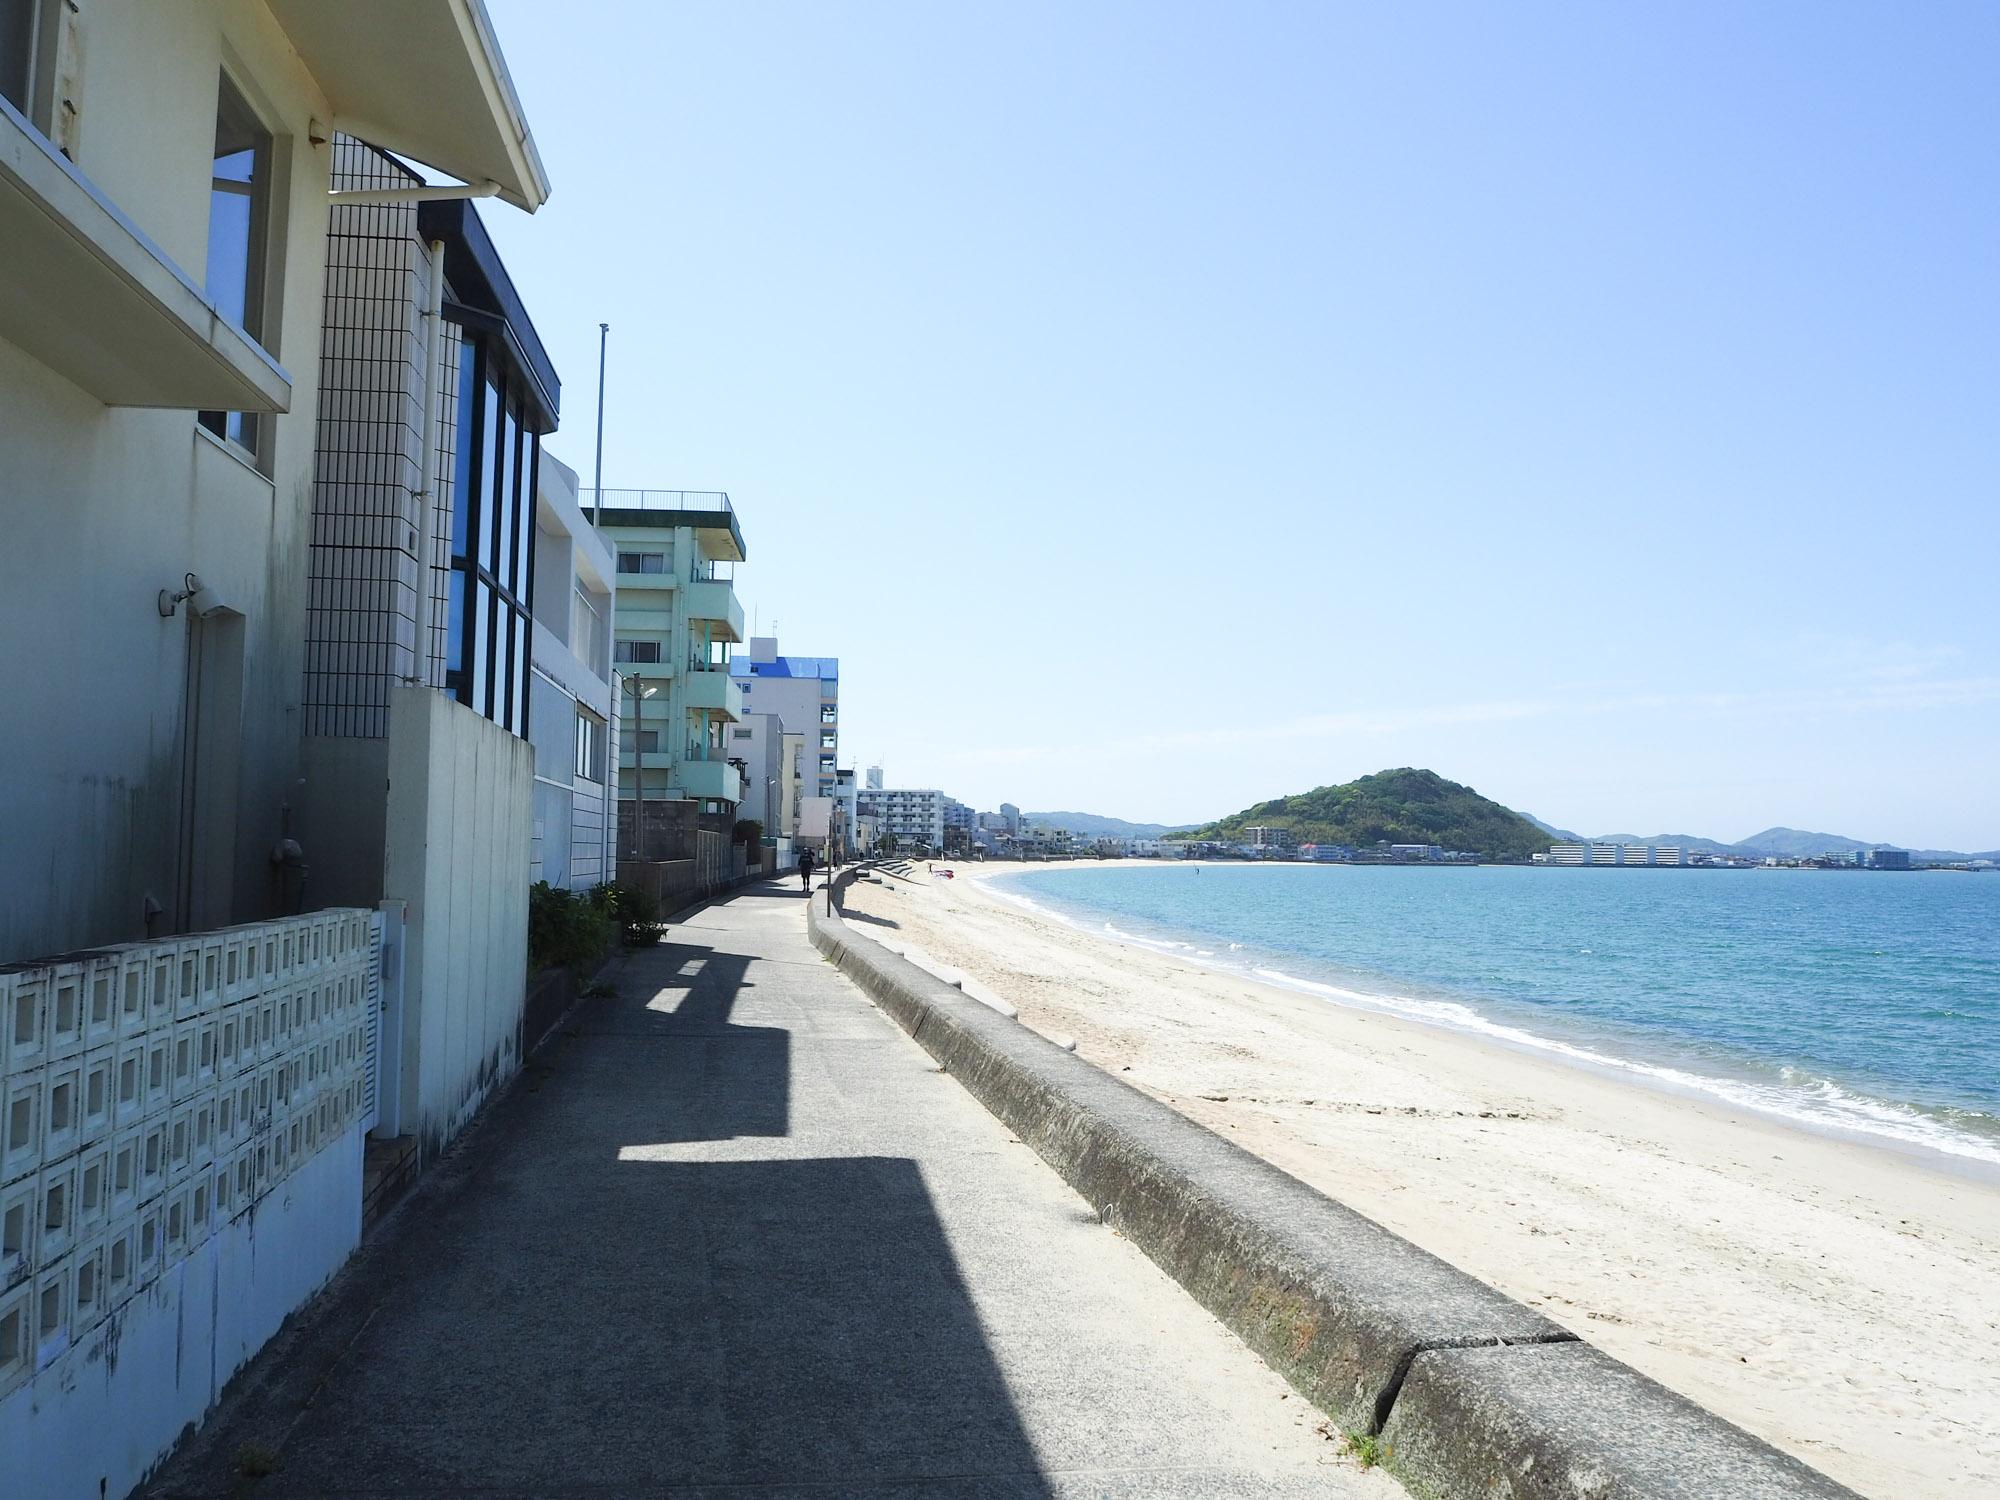 長垂海浜公園を抜けて、海沿いの道を走ります。 波の音を聞きながら自転車を漕いでいると、時の流れがゆっくりと感じます。 ここは砂浜の砂で滑りやすいので気を付けて走ってくださいね。